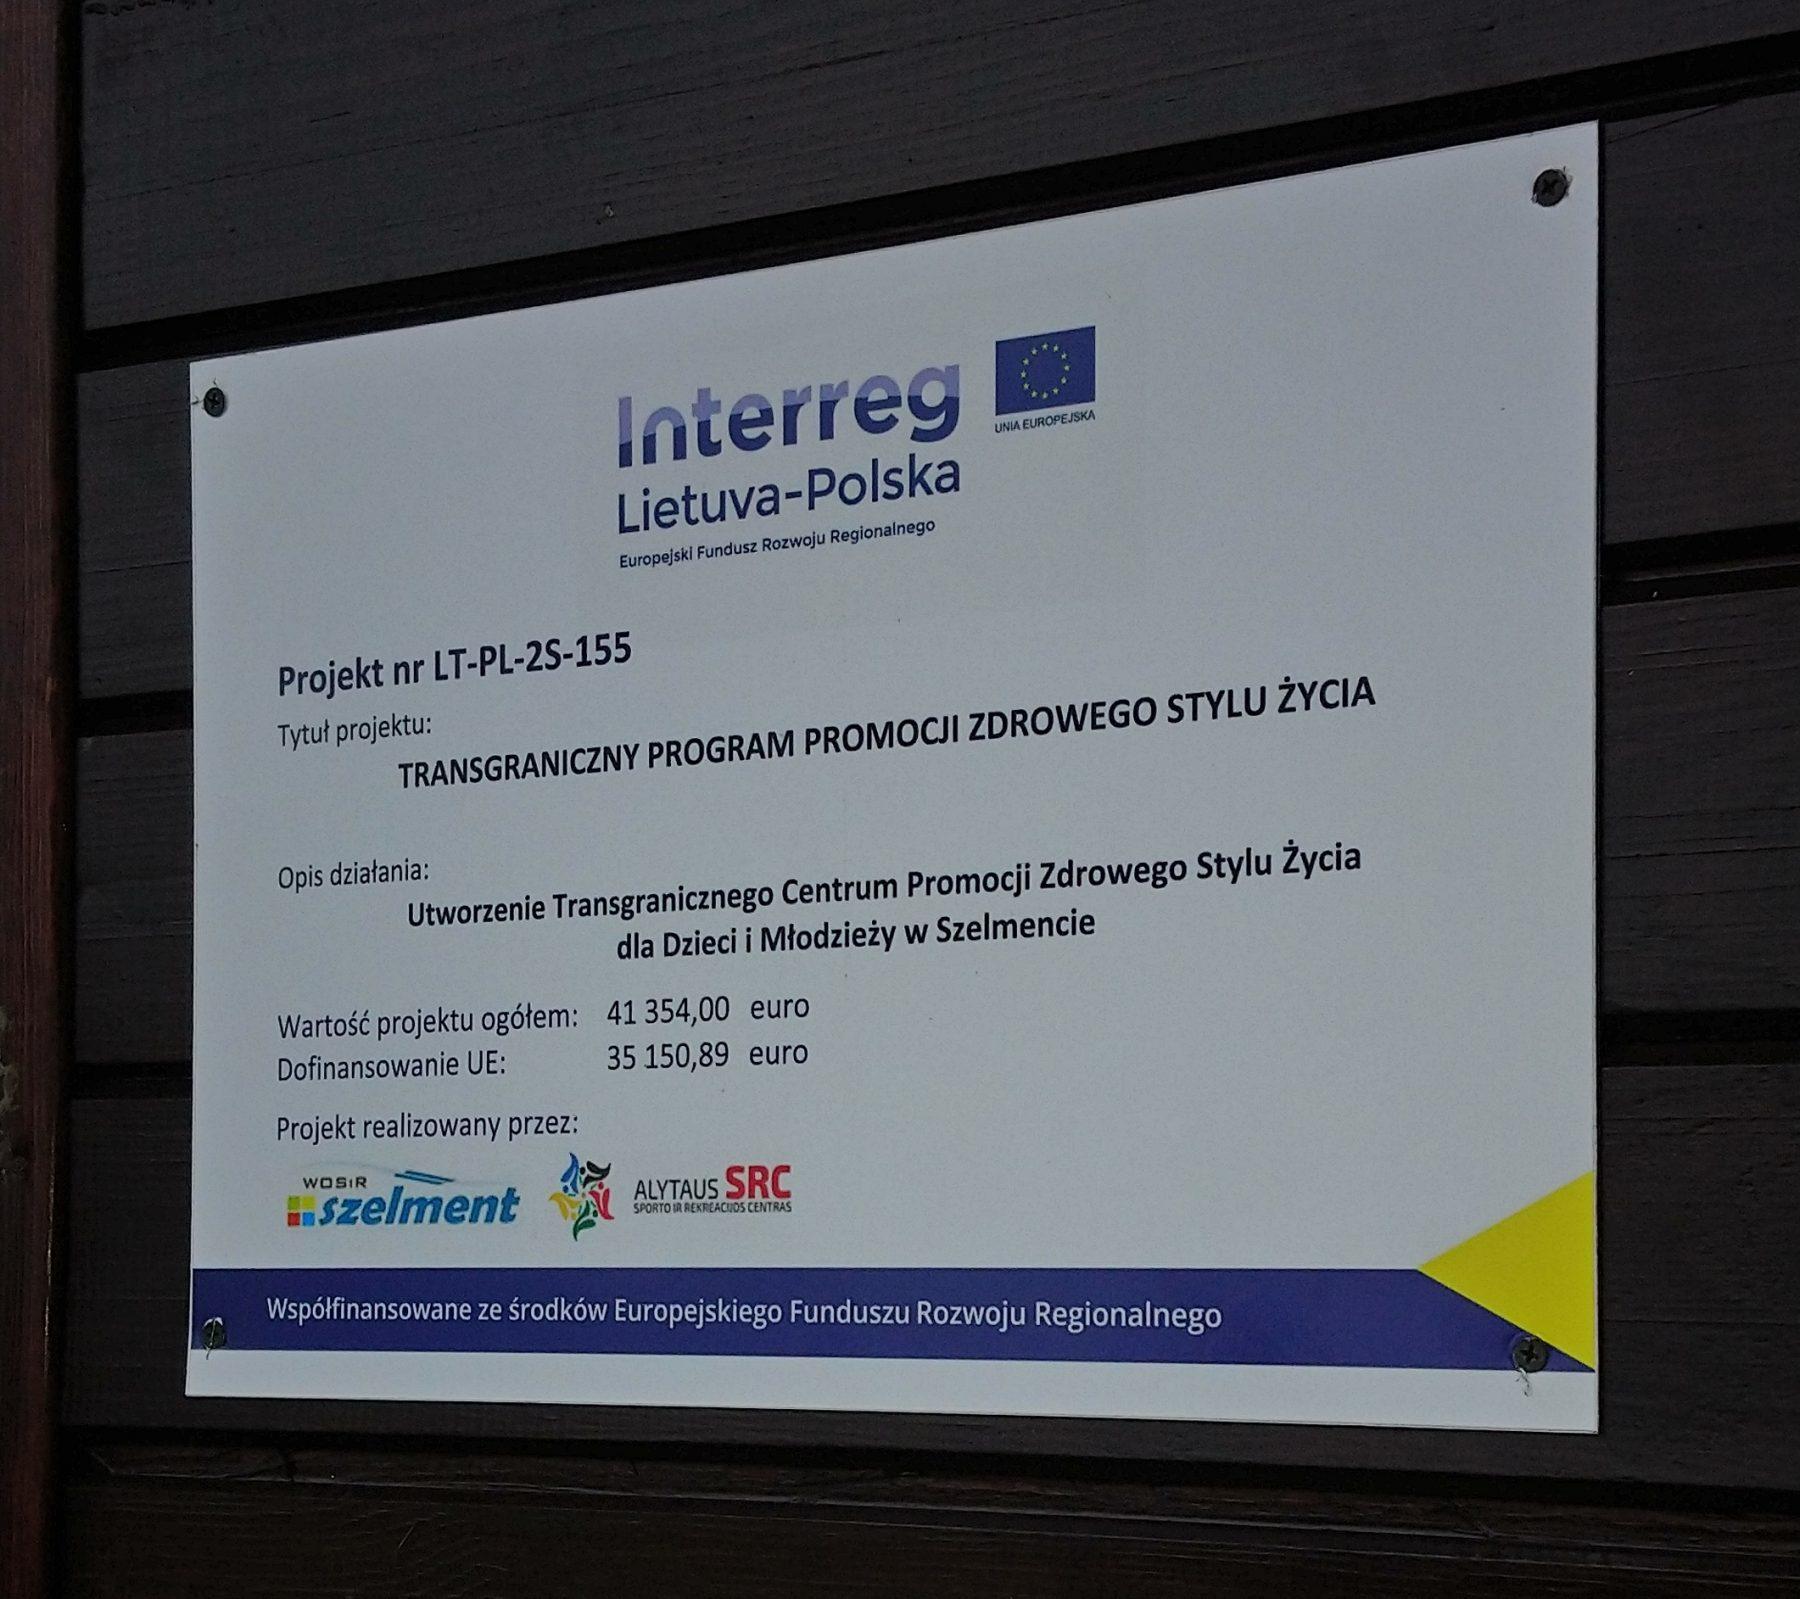 Otwarcie Transgranicznego Centrum Promocji Zdrowego Stylu Życia w Szelmencie